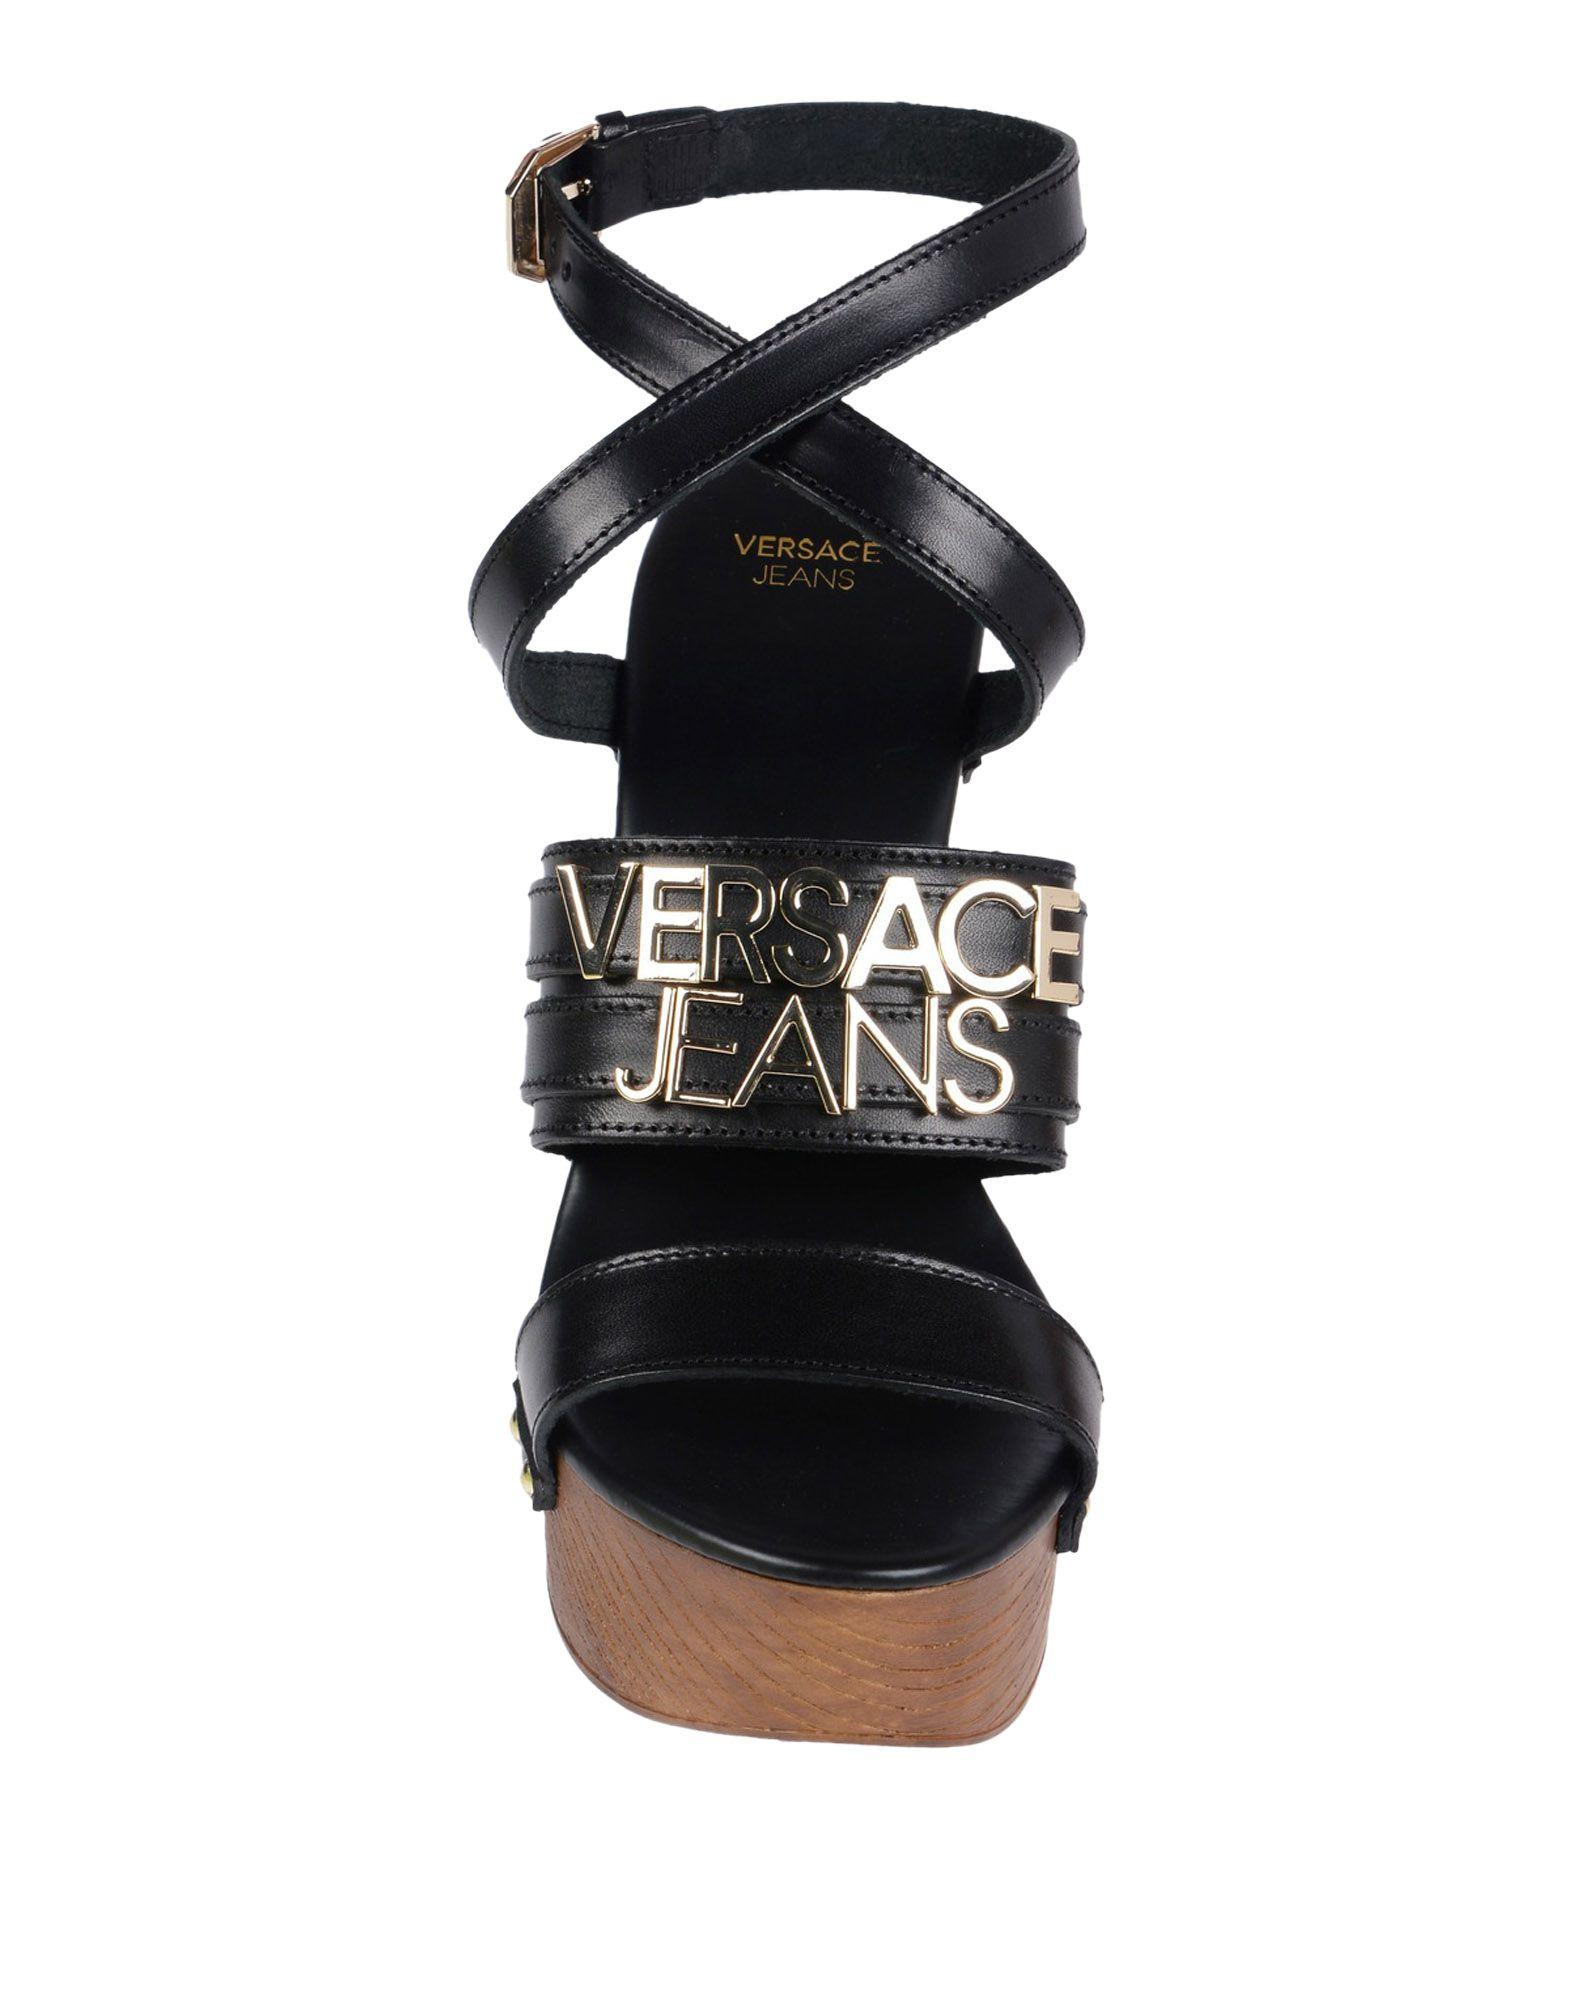 versace jeans sandales - femmes versace jeans sandales canada en ligne sur canada sandales - 11296621wx 479dfc